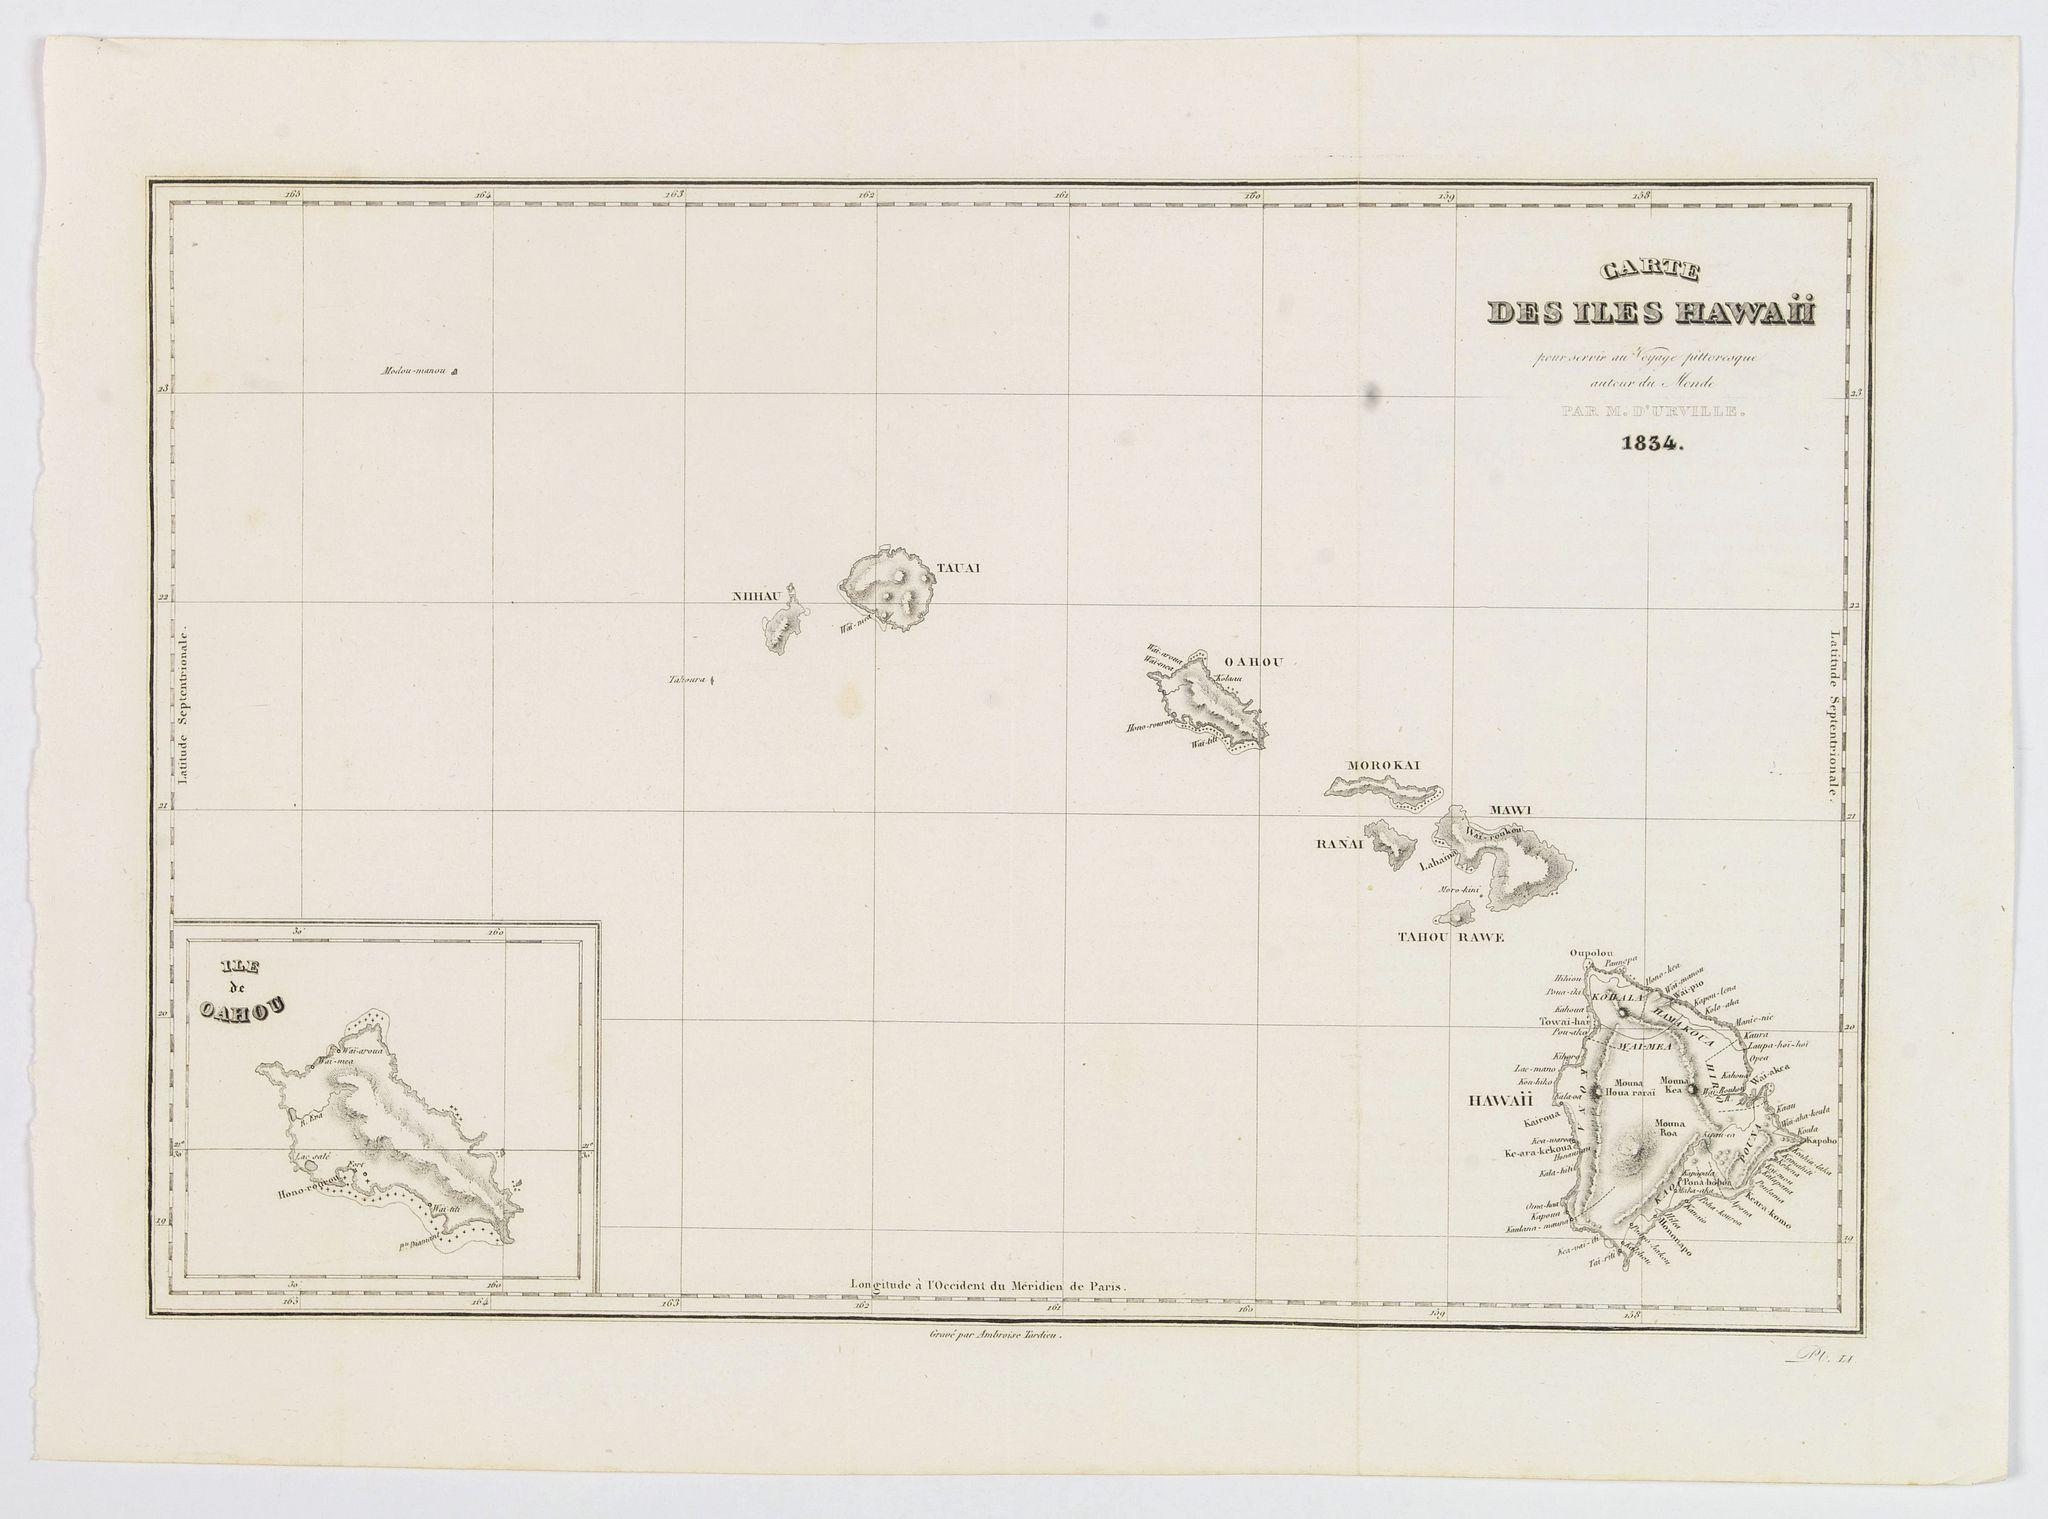 DUMONT D'URVILLE, Jules. - Carte des Iles Hawaii.